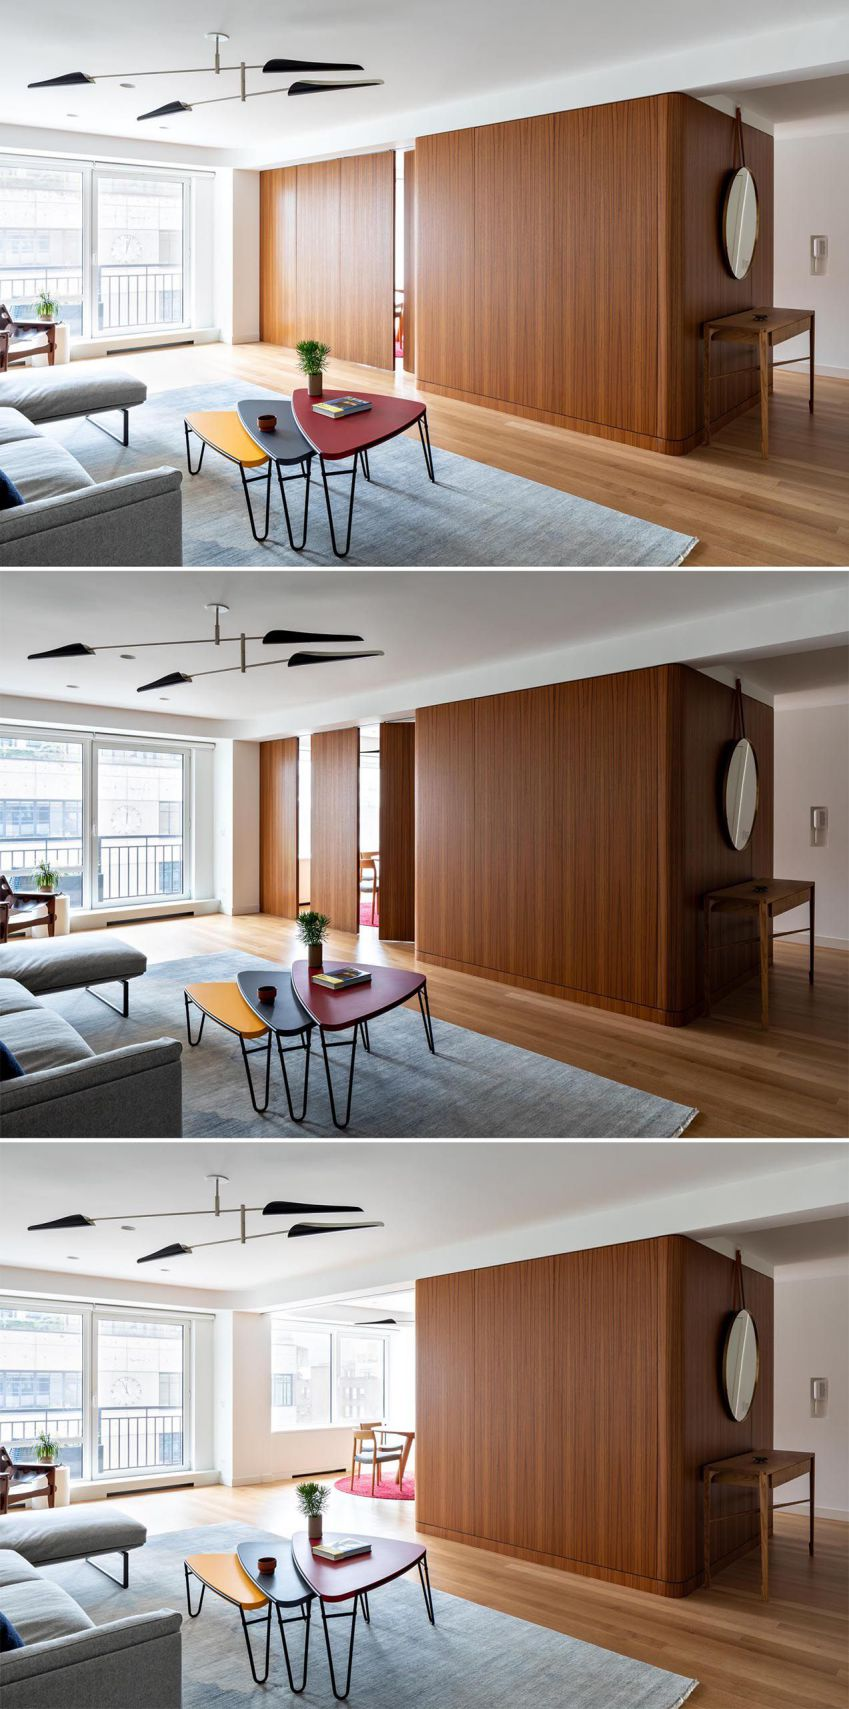 دکوراسیون آپارتمان مدرن